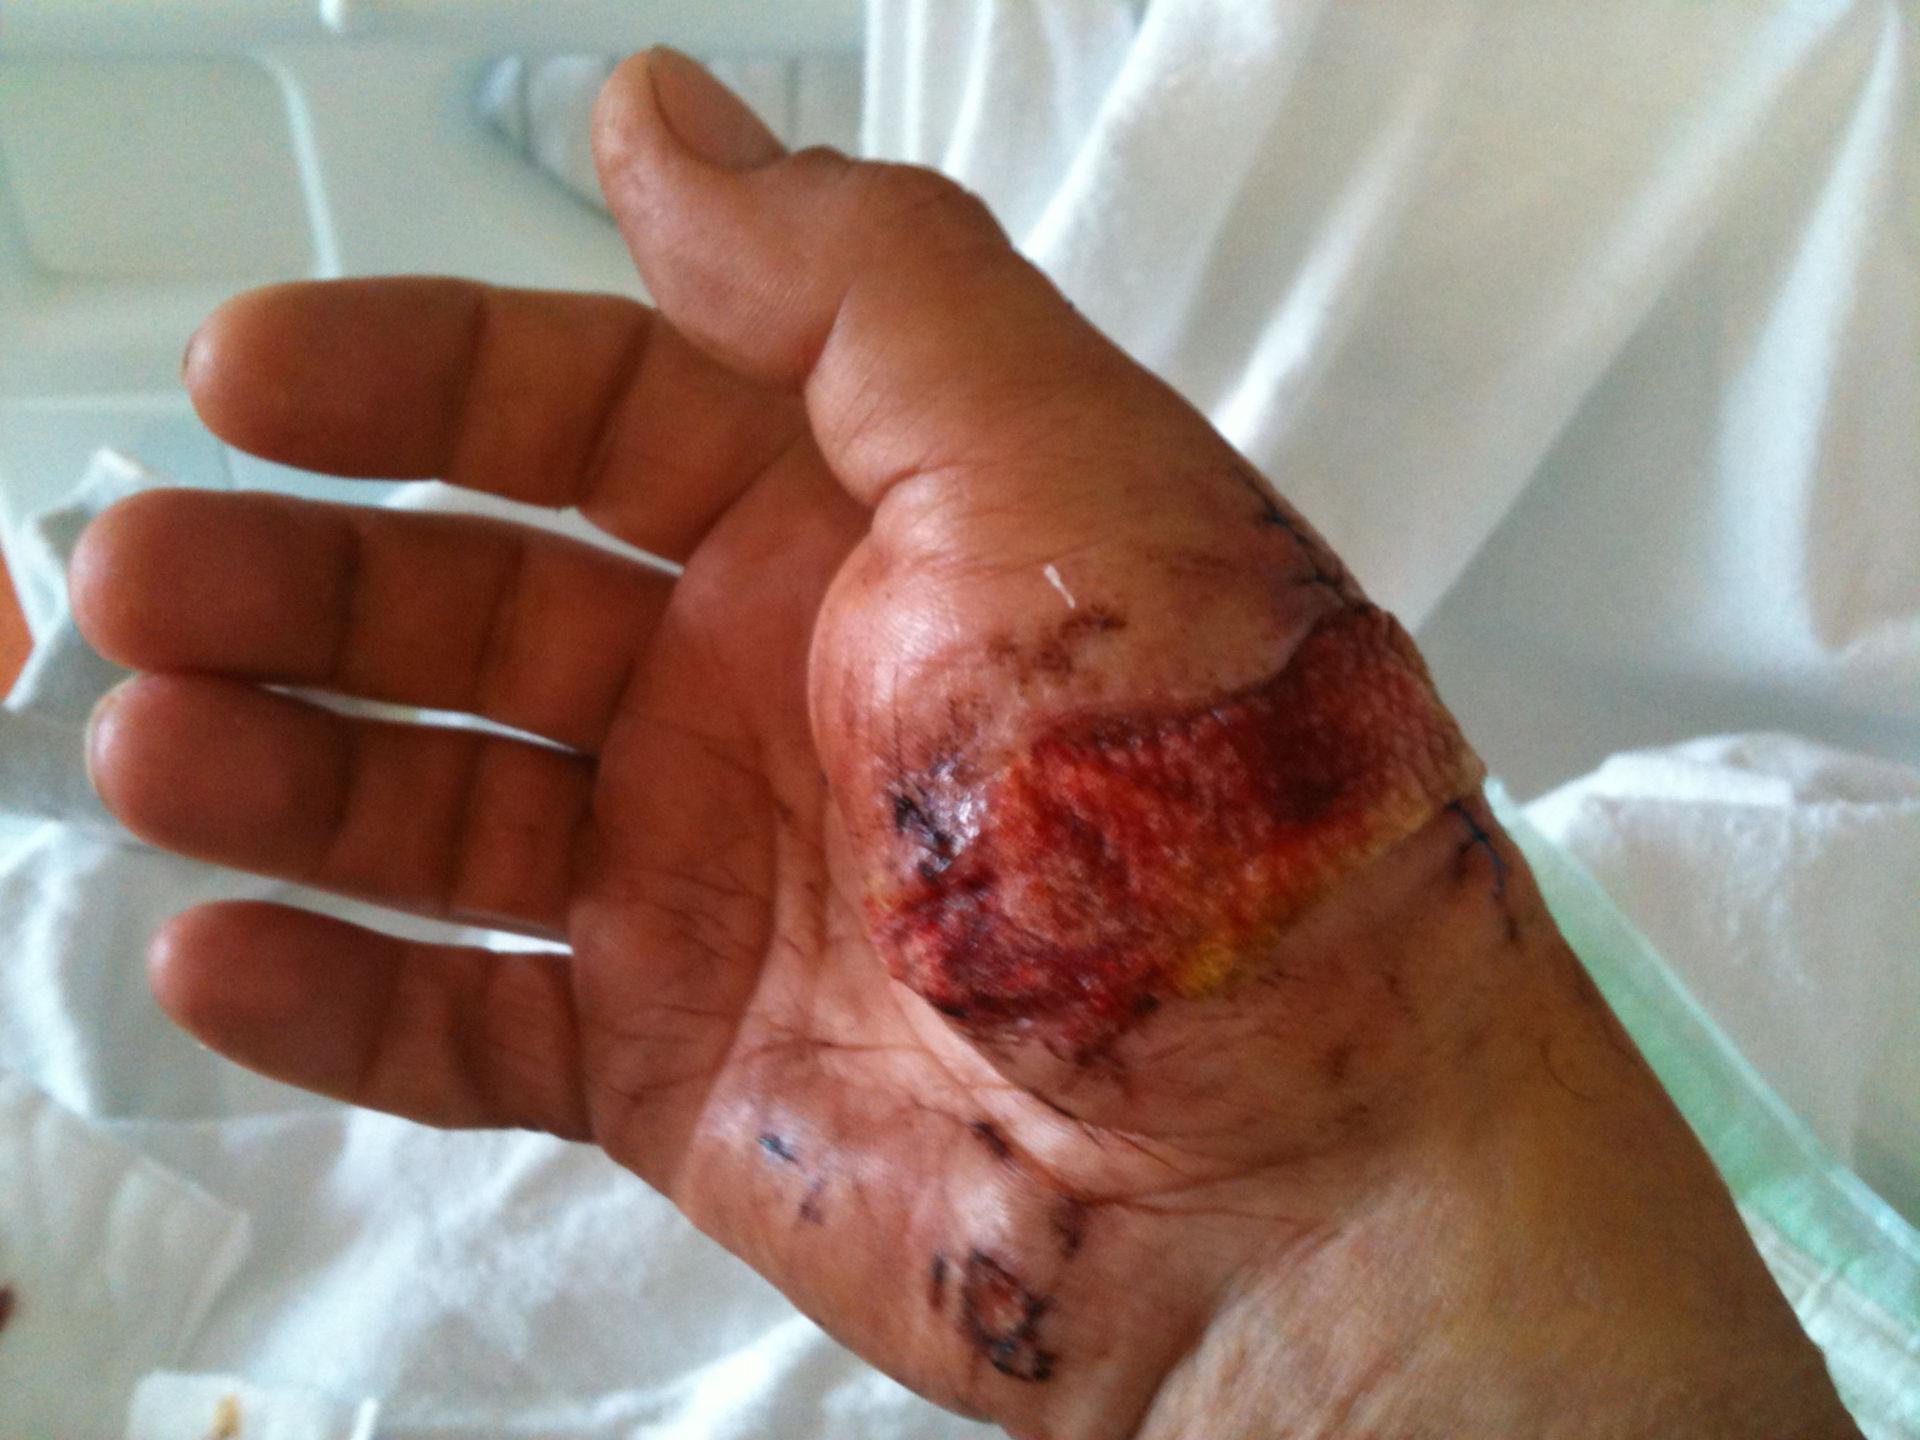 Bissverletzung - Hand nach notfallmäßiger OP